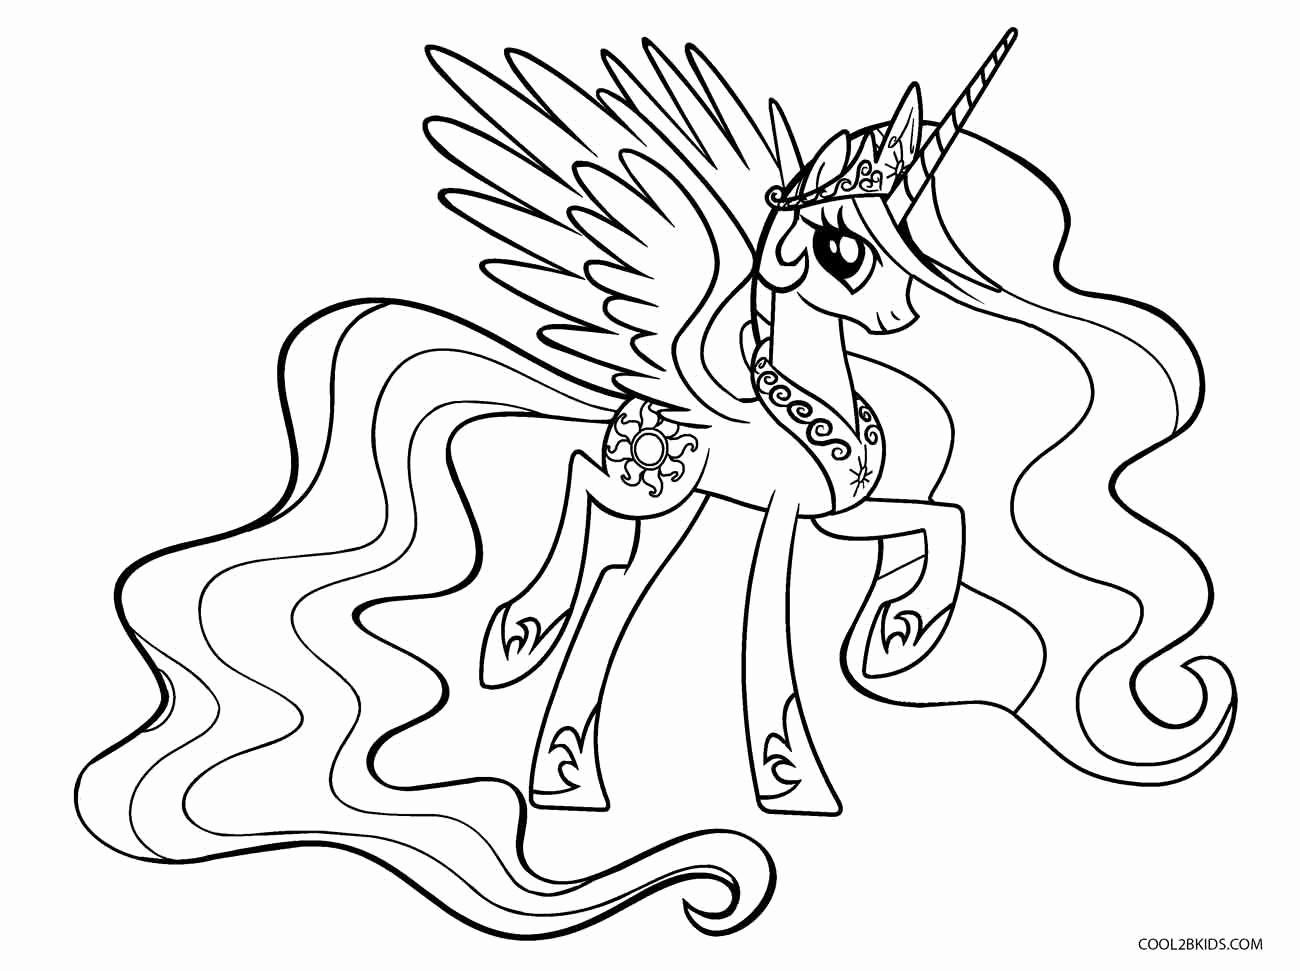 My Little Pony Bilder Zum Ausdrucken Neu 56 Luxus Stock My Little Pony Ausmalbilder Zum Ausdrucken Fotos